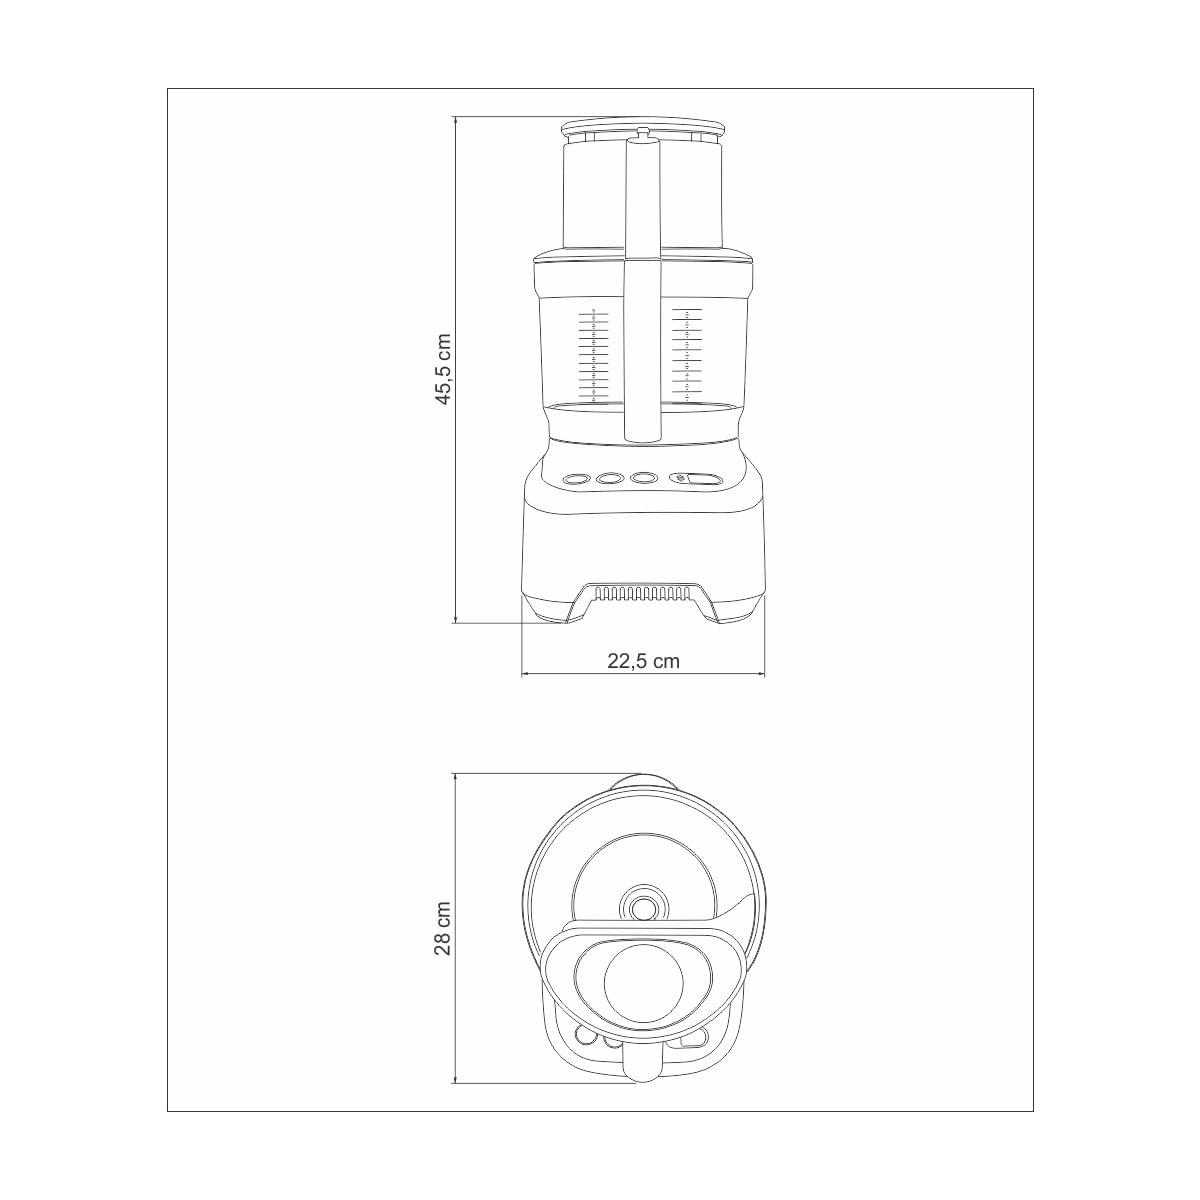 Multiprocessador Slice Pro 3,7 Litros 1200 Watts 110V Tramontina 69020011